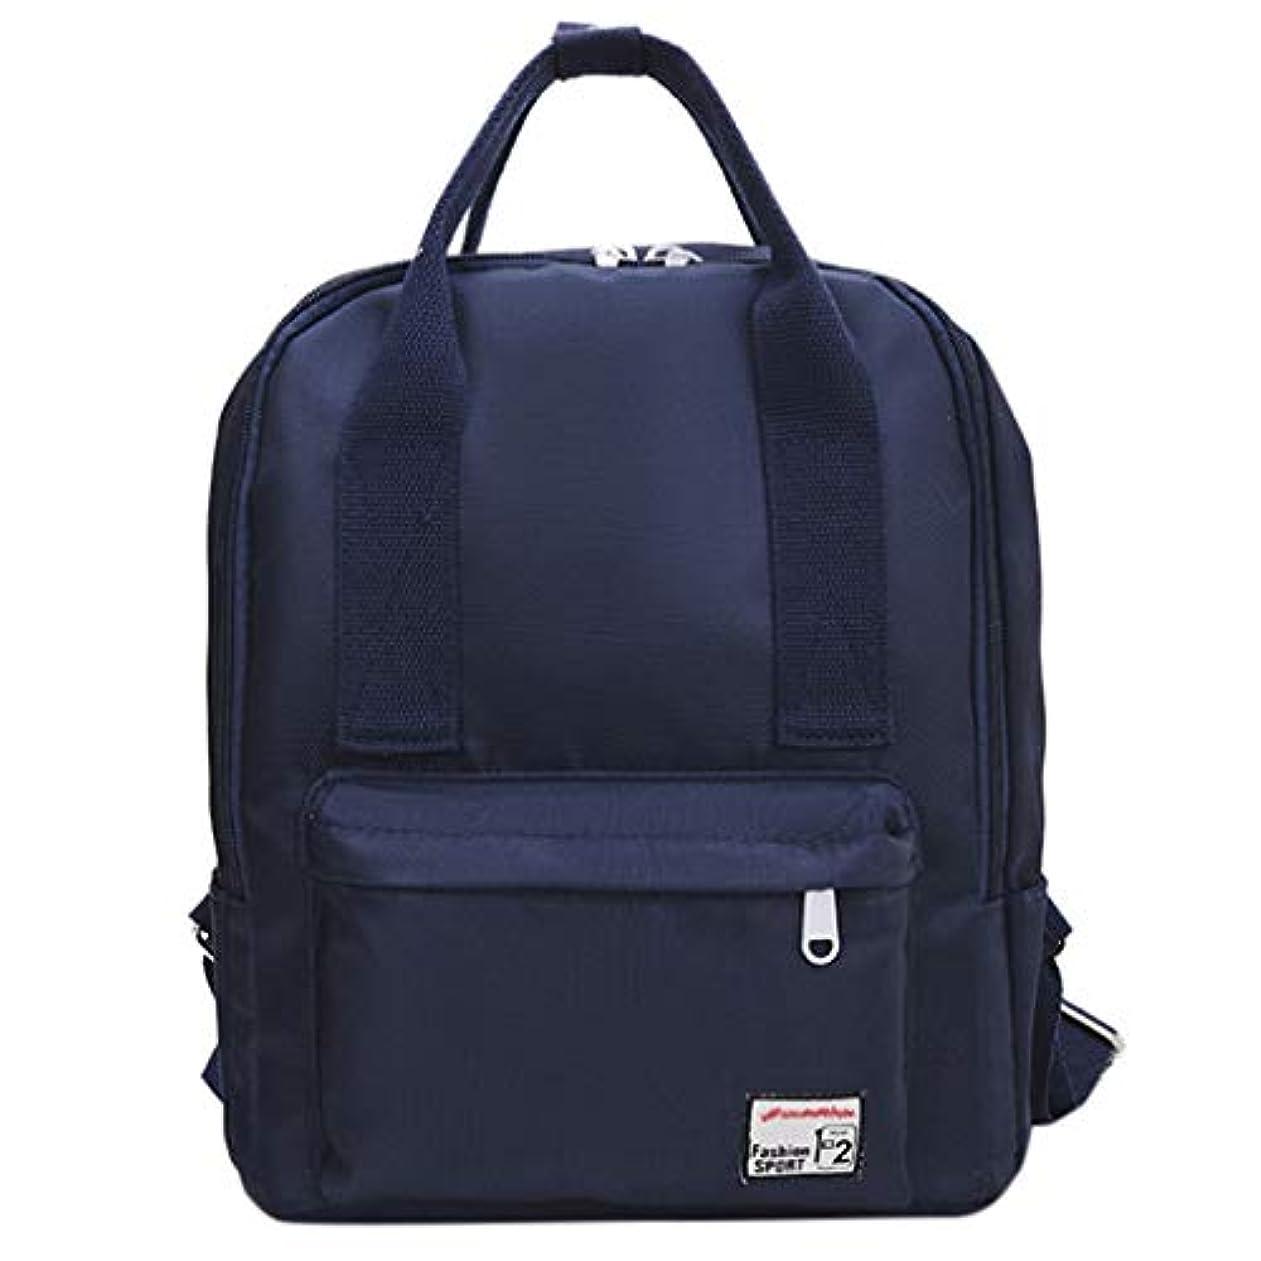 オフ妨げる蓄積する女の子屋外かわいいシンプルなナイロンバックパック、学生襟カラーアートバッグ屋外軽量旅行ポータブル耐久性のあるバックパック